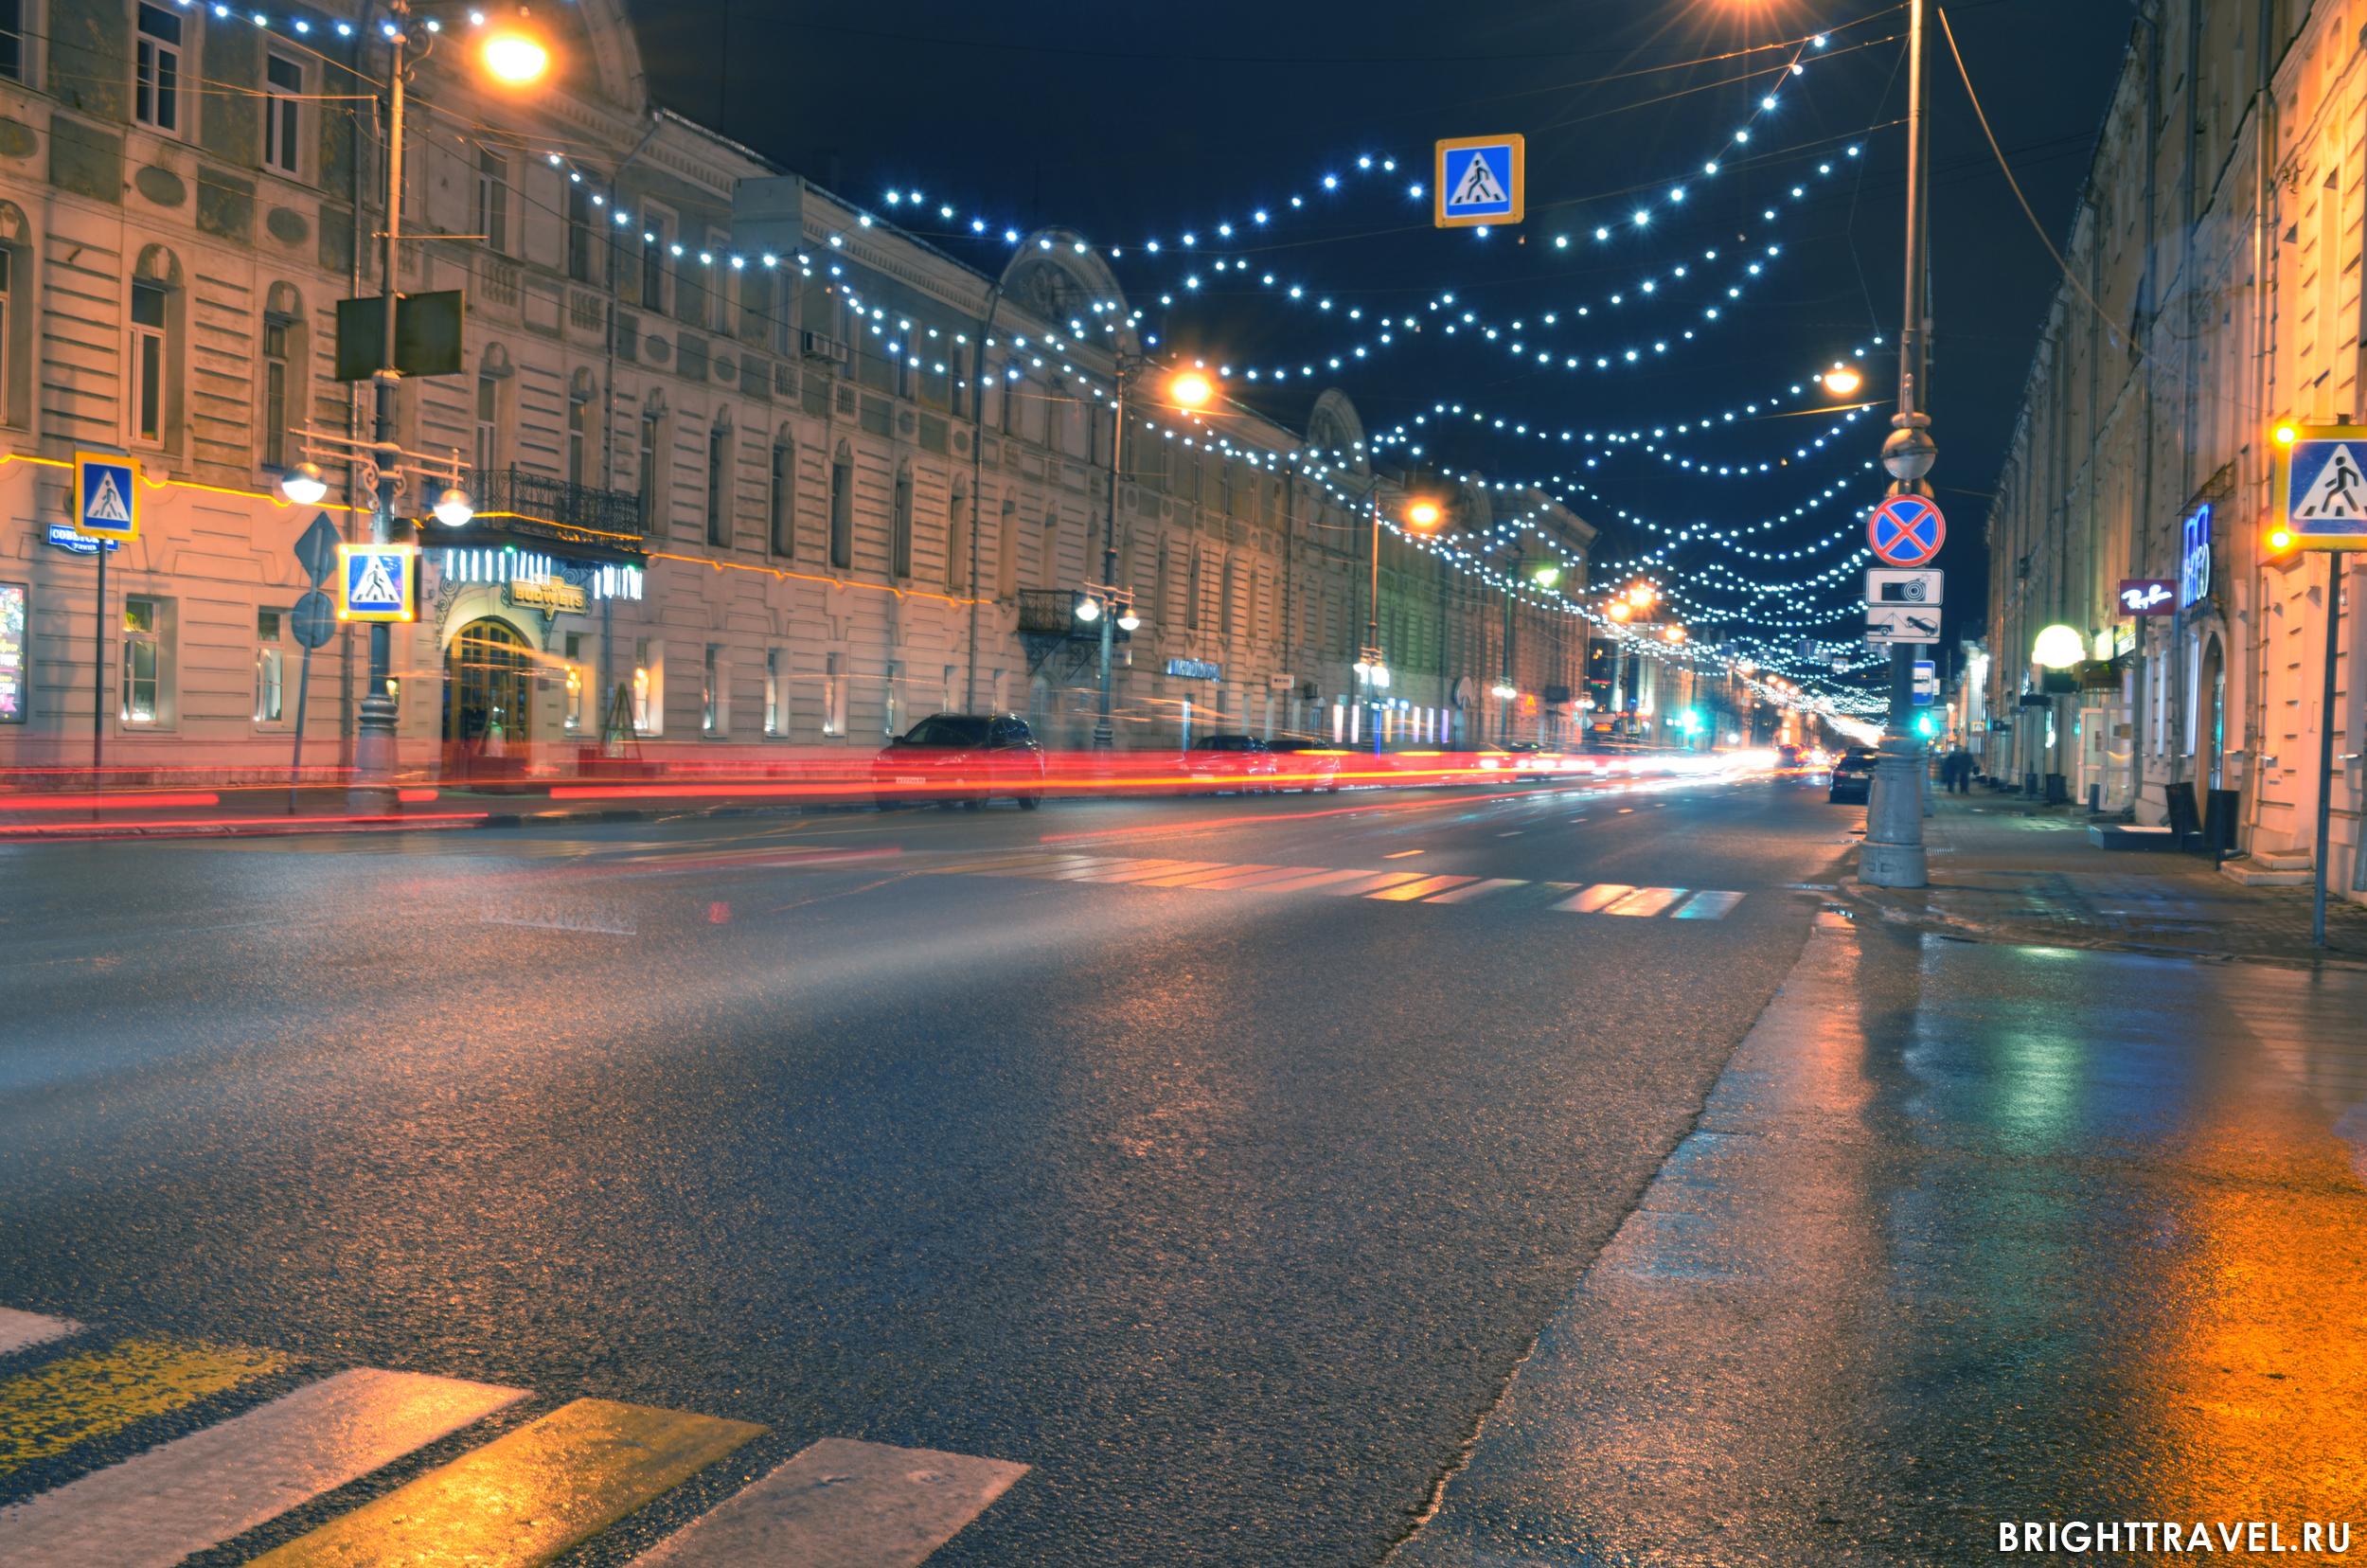 Вечерняя Тверь фото - перекресток ул. Советской и Свободного пер.